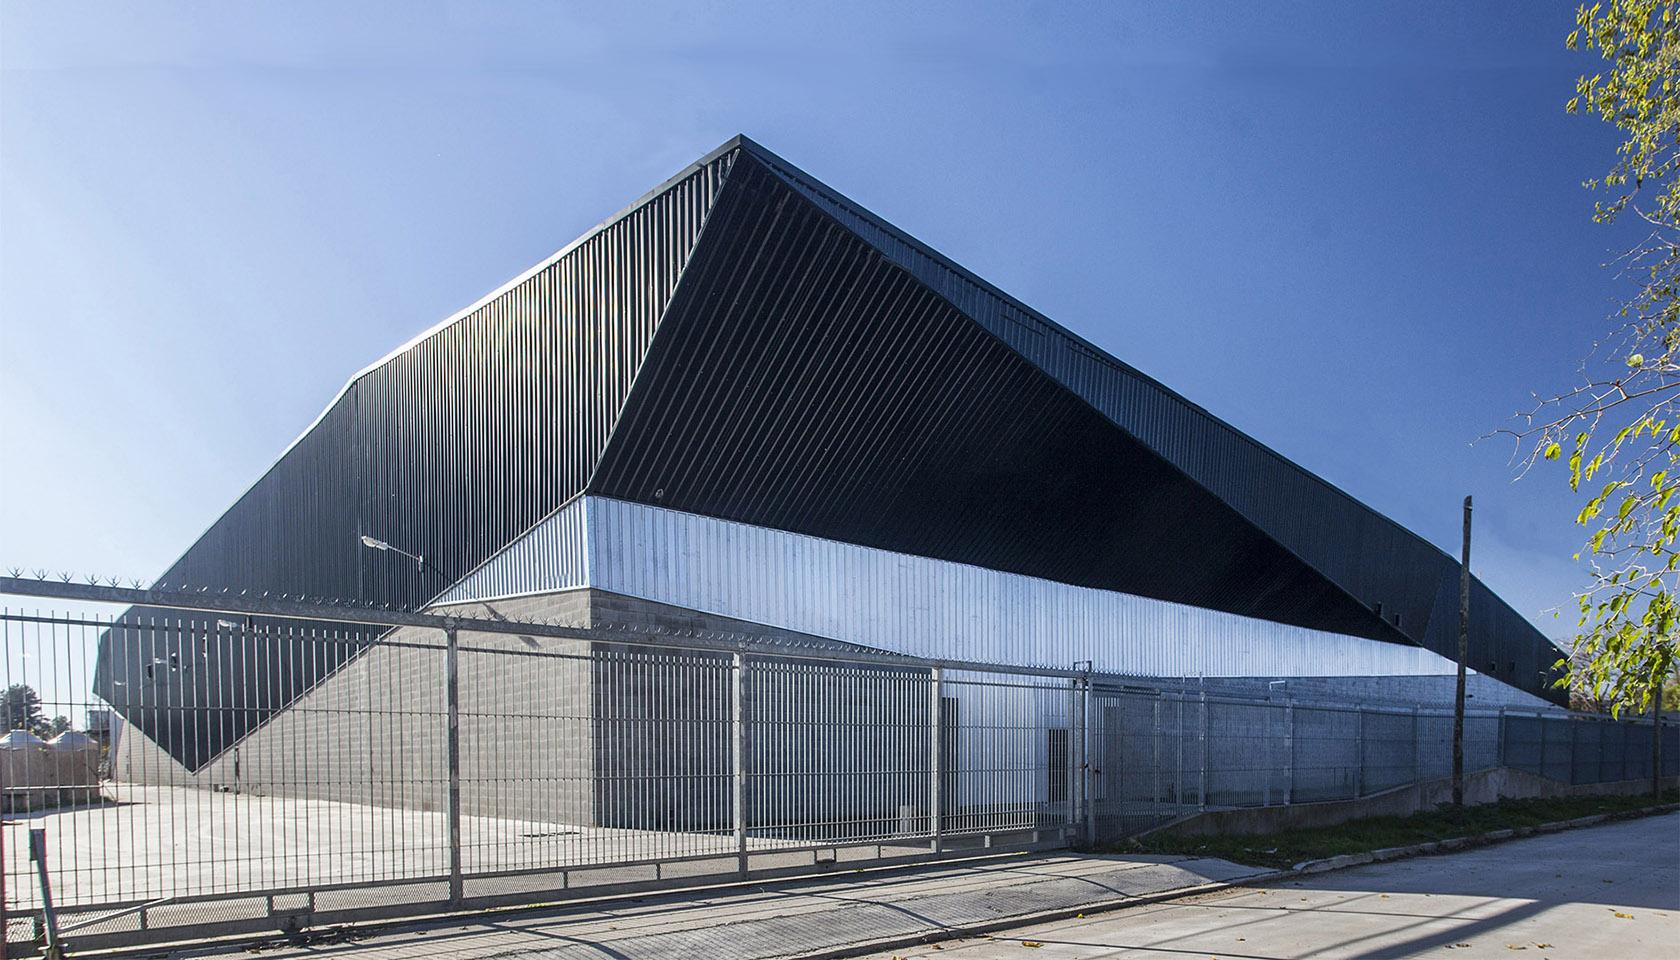 Foto de fachada de frente, fachada metálica, revestimiento moderno, fachada de hormigón, plegado de hormigón, arquitectura industrial contemporánea, plegado en acero